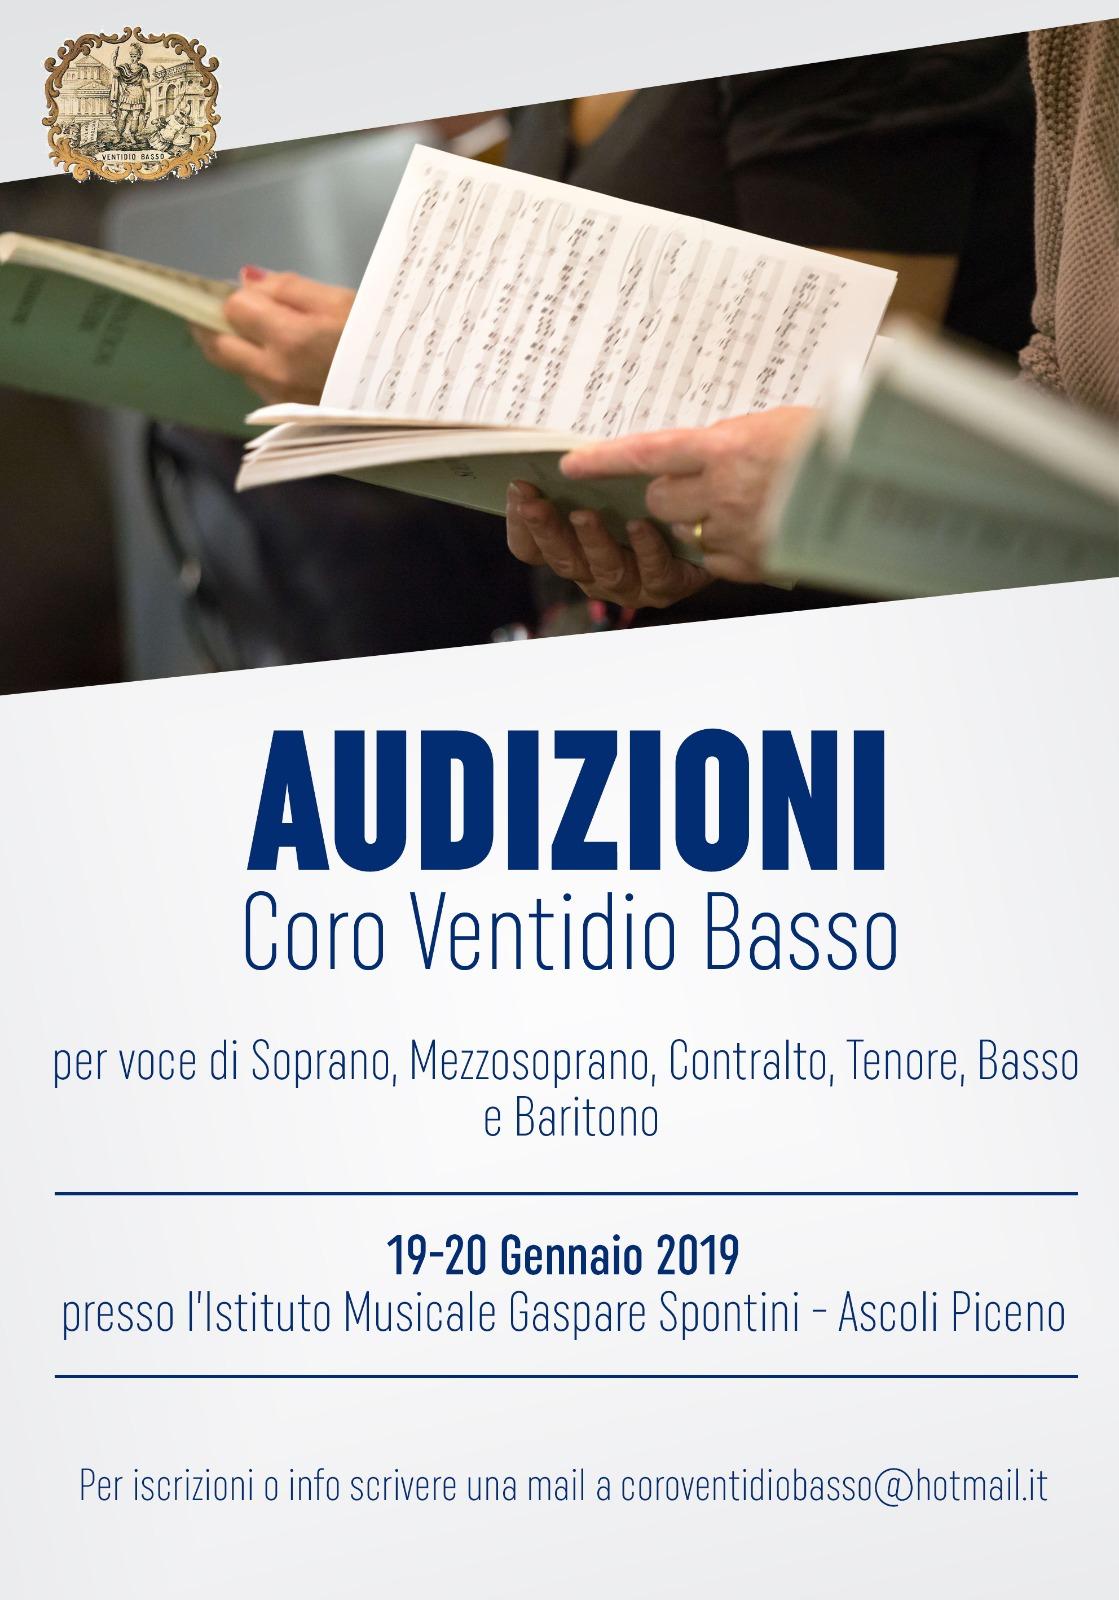 c49f1010a8 L'Associazione Coro Ventidio Basso di Ascoli Piceno cerca giovani cantanti  o aspiranti con la voglia di mettersi in gioco e provare l'esperienza di  CANTARE ...